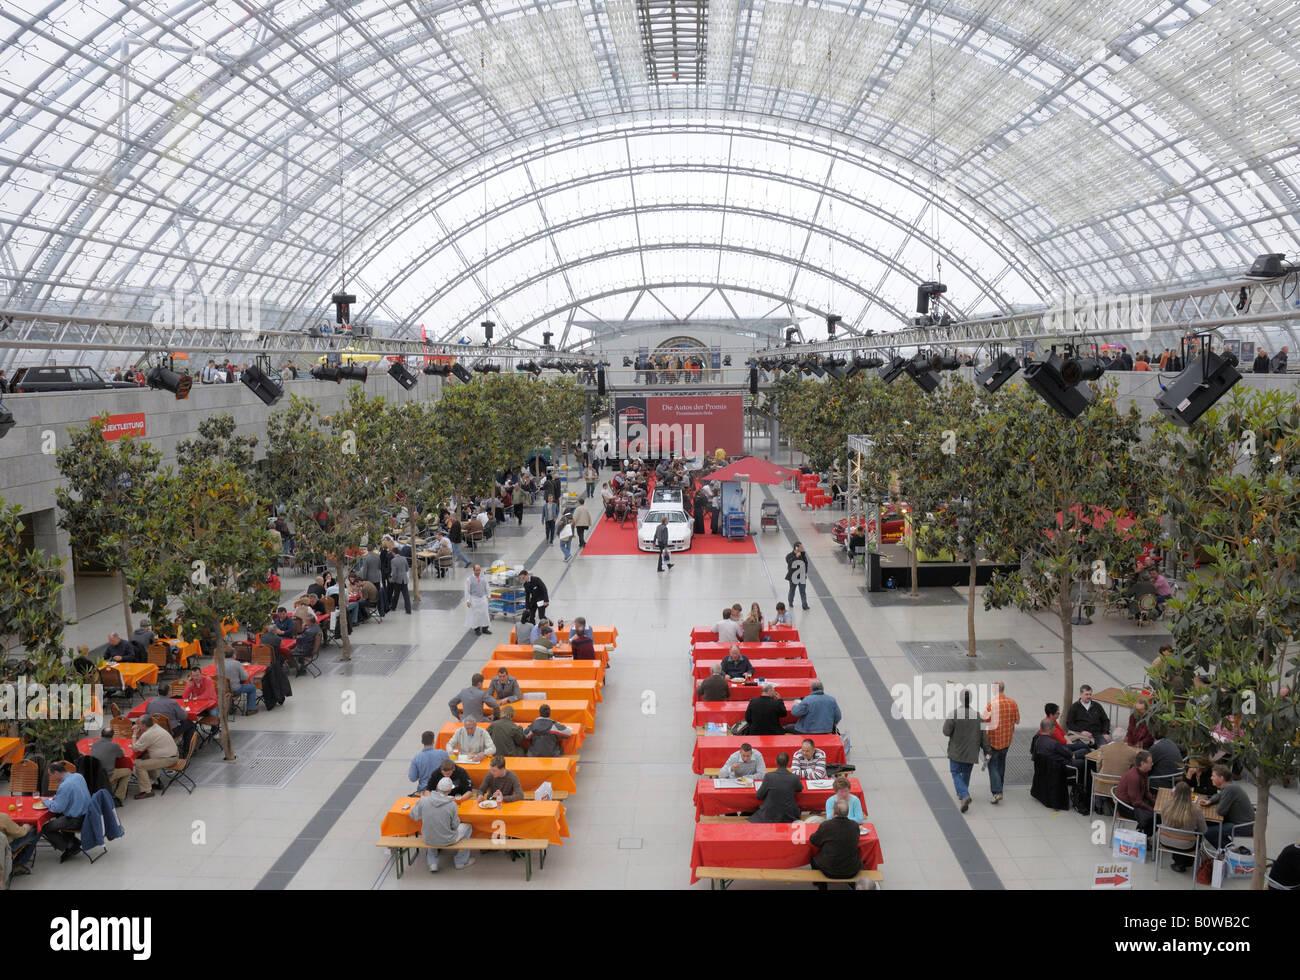 Neue Messe Leipzig, trade fair in Leipzig, AMI Automobil